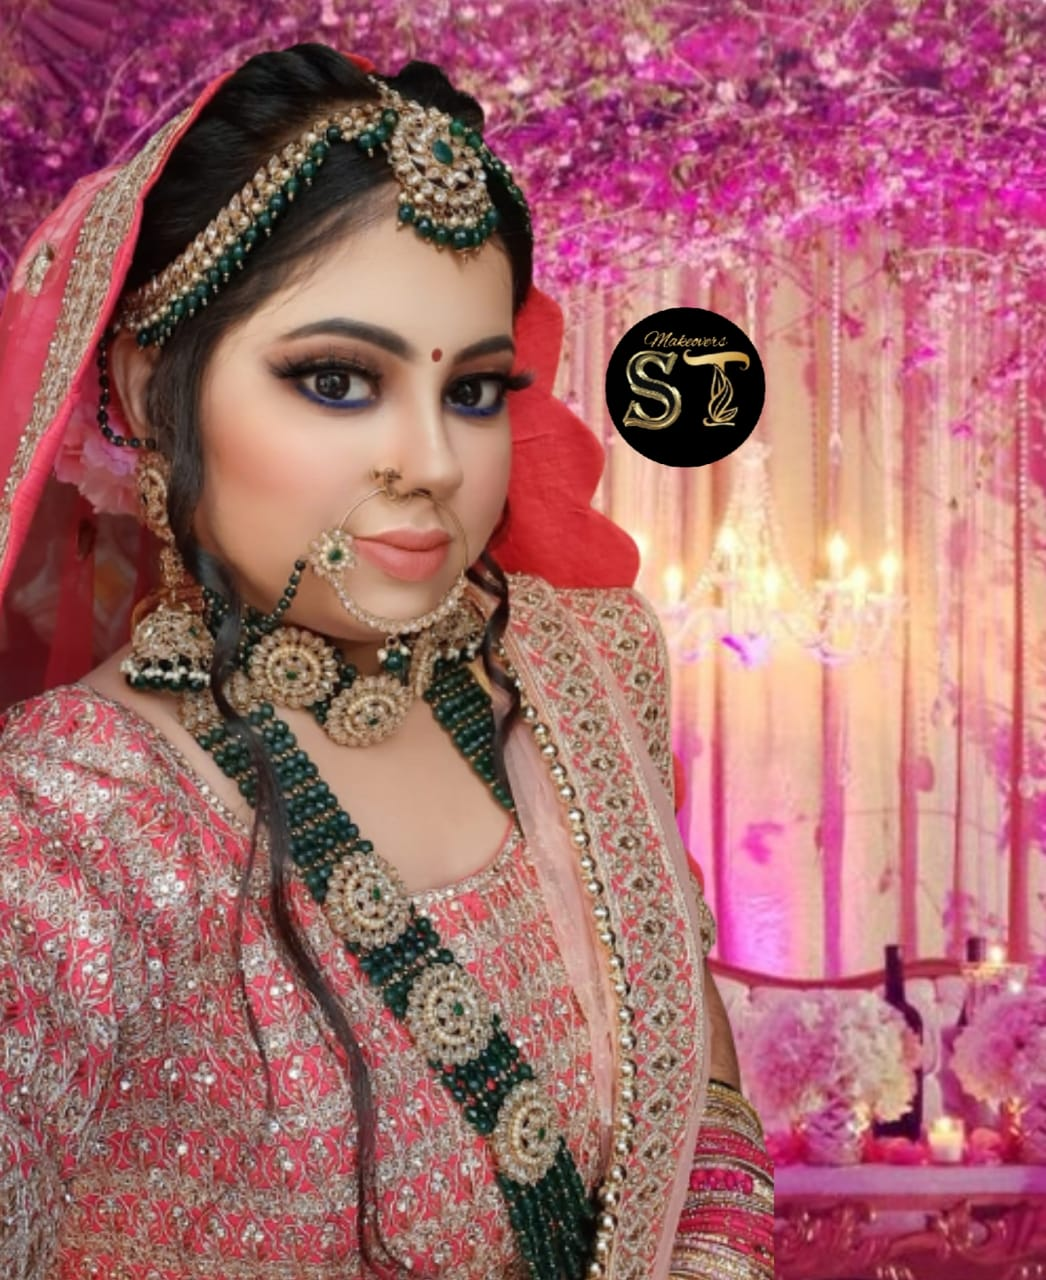 st-makeovers-makeup-artist-delhi-ncr